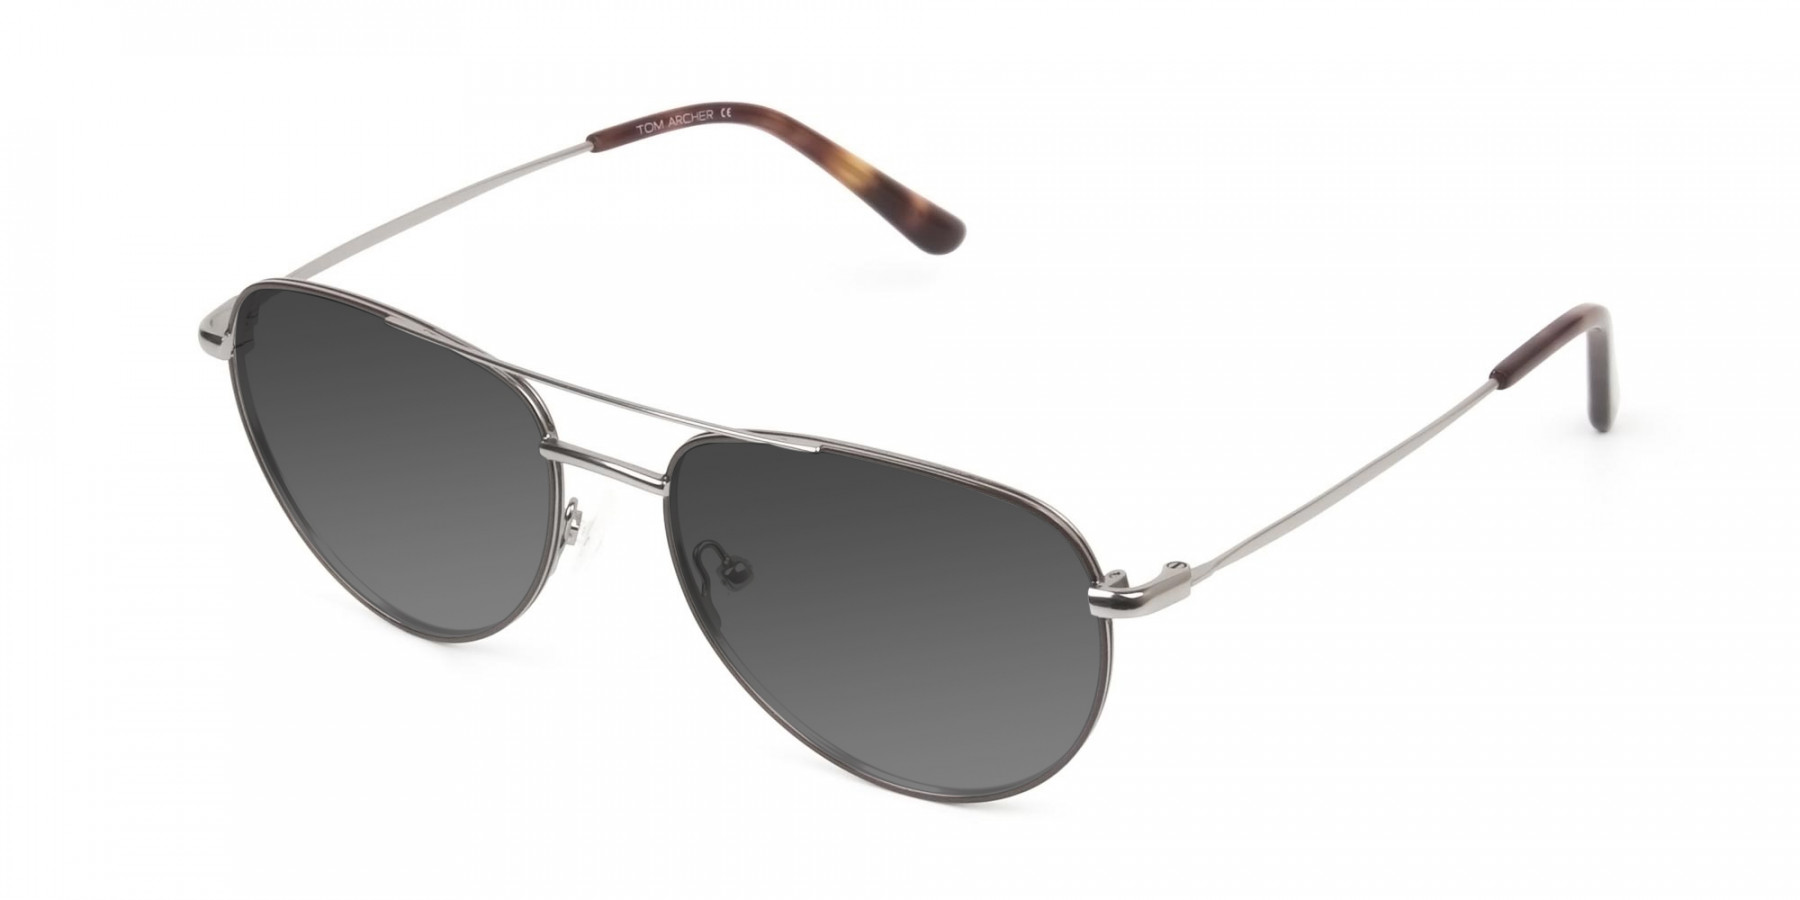 Grey Tinted Brown Gunmetal Aviator Sunglasses - 3